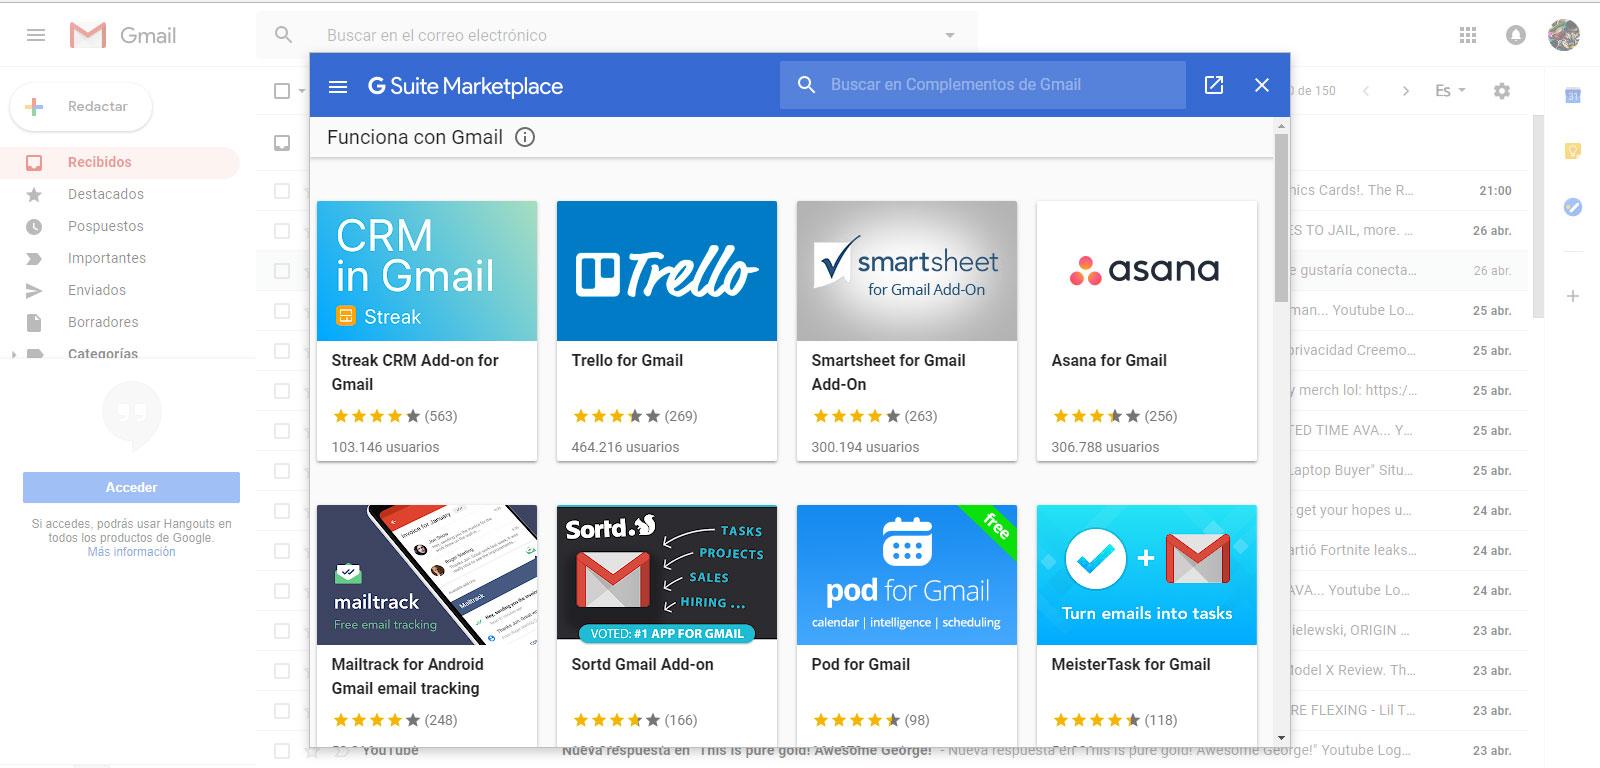 Gmail Gsuit Marketplace